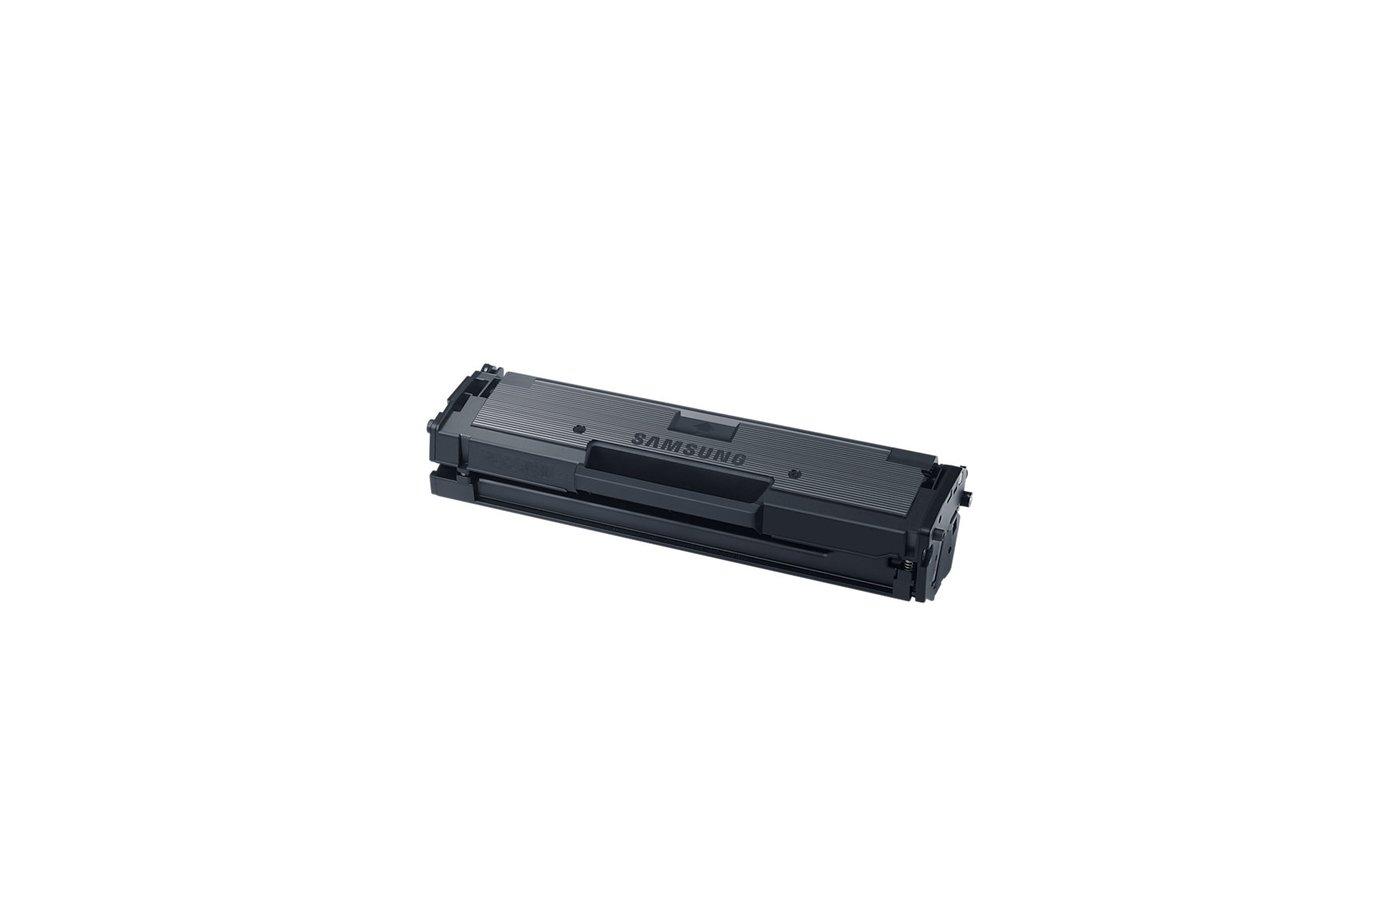 Картридж лазерный Samsung MLT-D111L/SEE черный для Xpress M2022, M2022W, M2020, M2021, M2020W, M2021W, M207 (1800стр.)